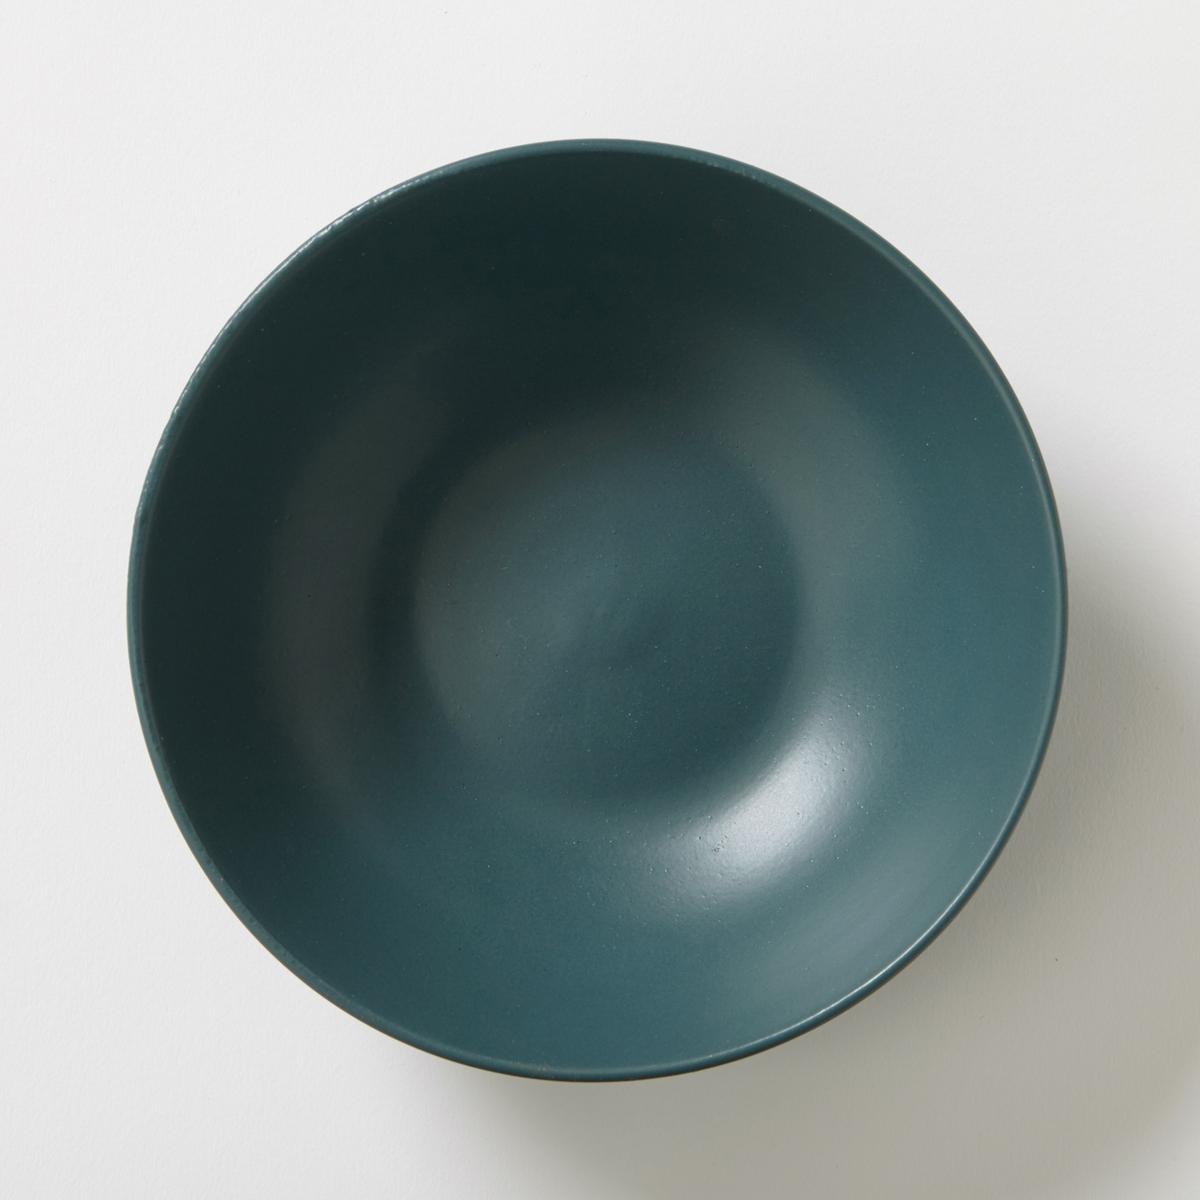 Комплект из 4 глубоких тарелок из фаянса с матовой отделкой, MELYA ваза из фаянса catalpa